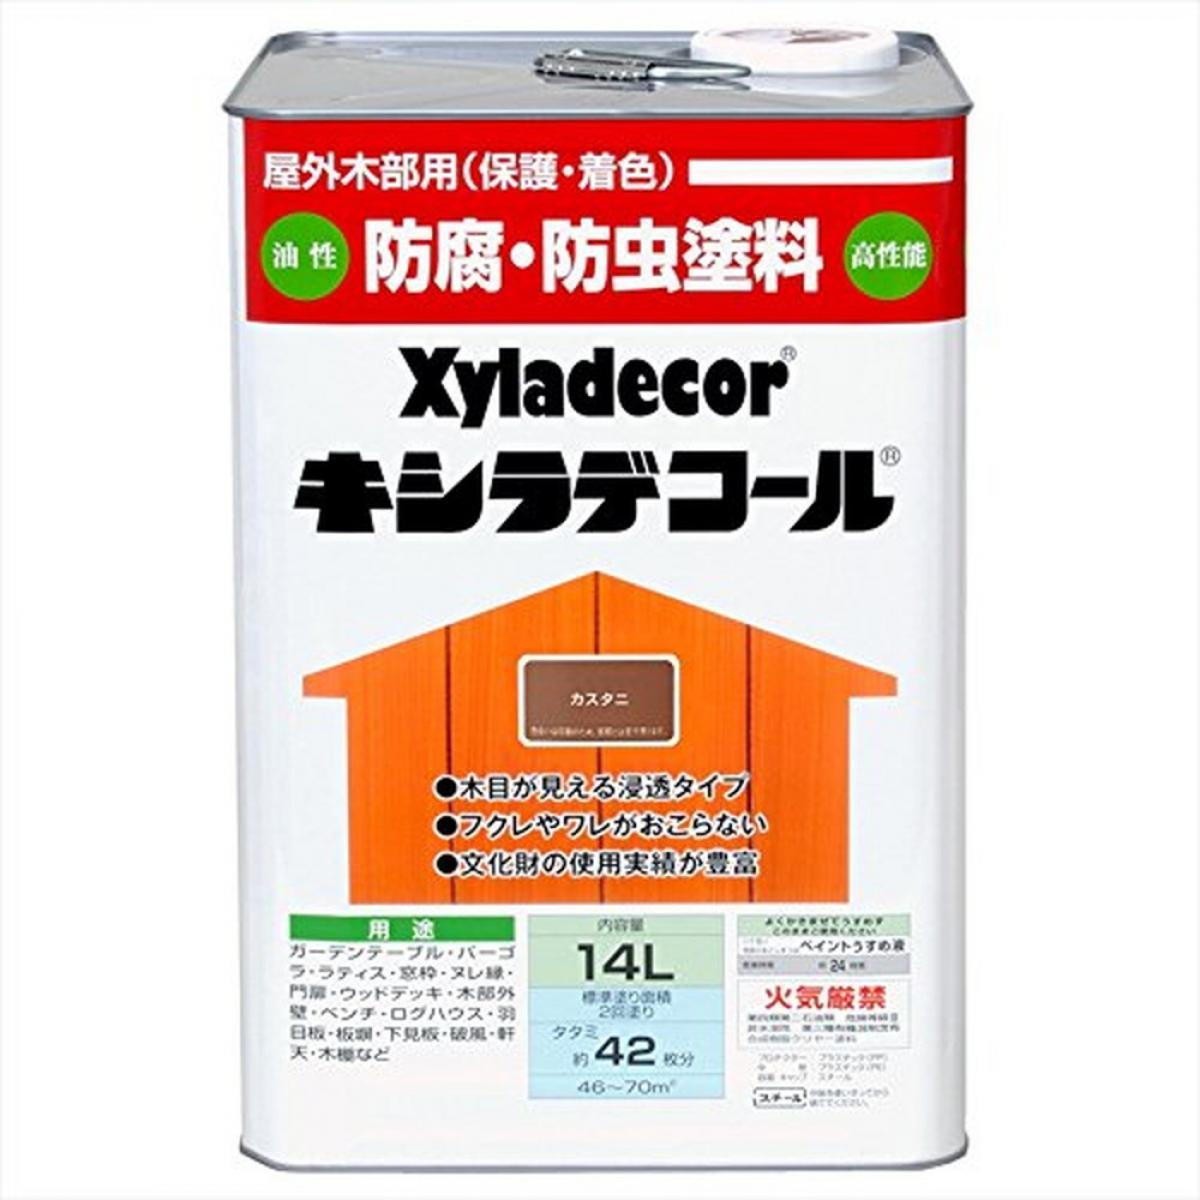 大阪ガスケミカル株式会社 キシラデコール カスタニ 14L